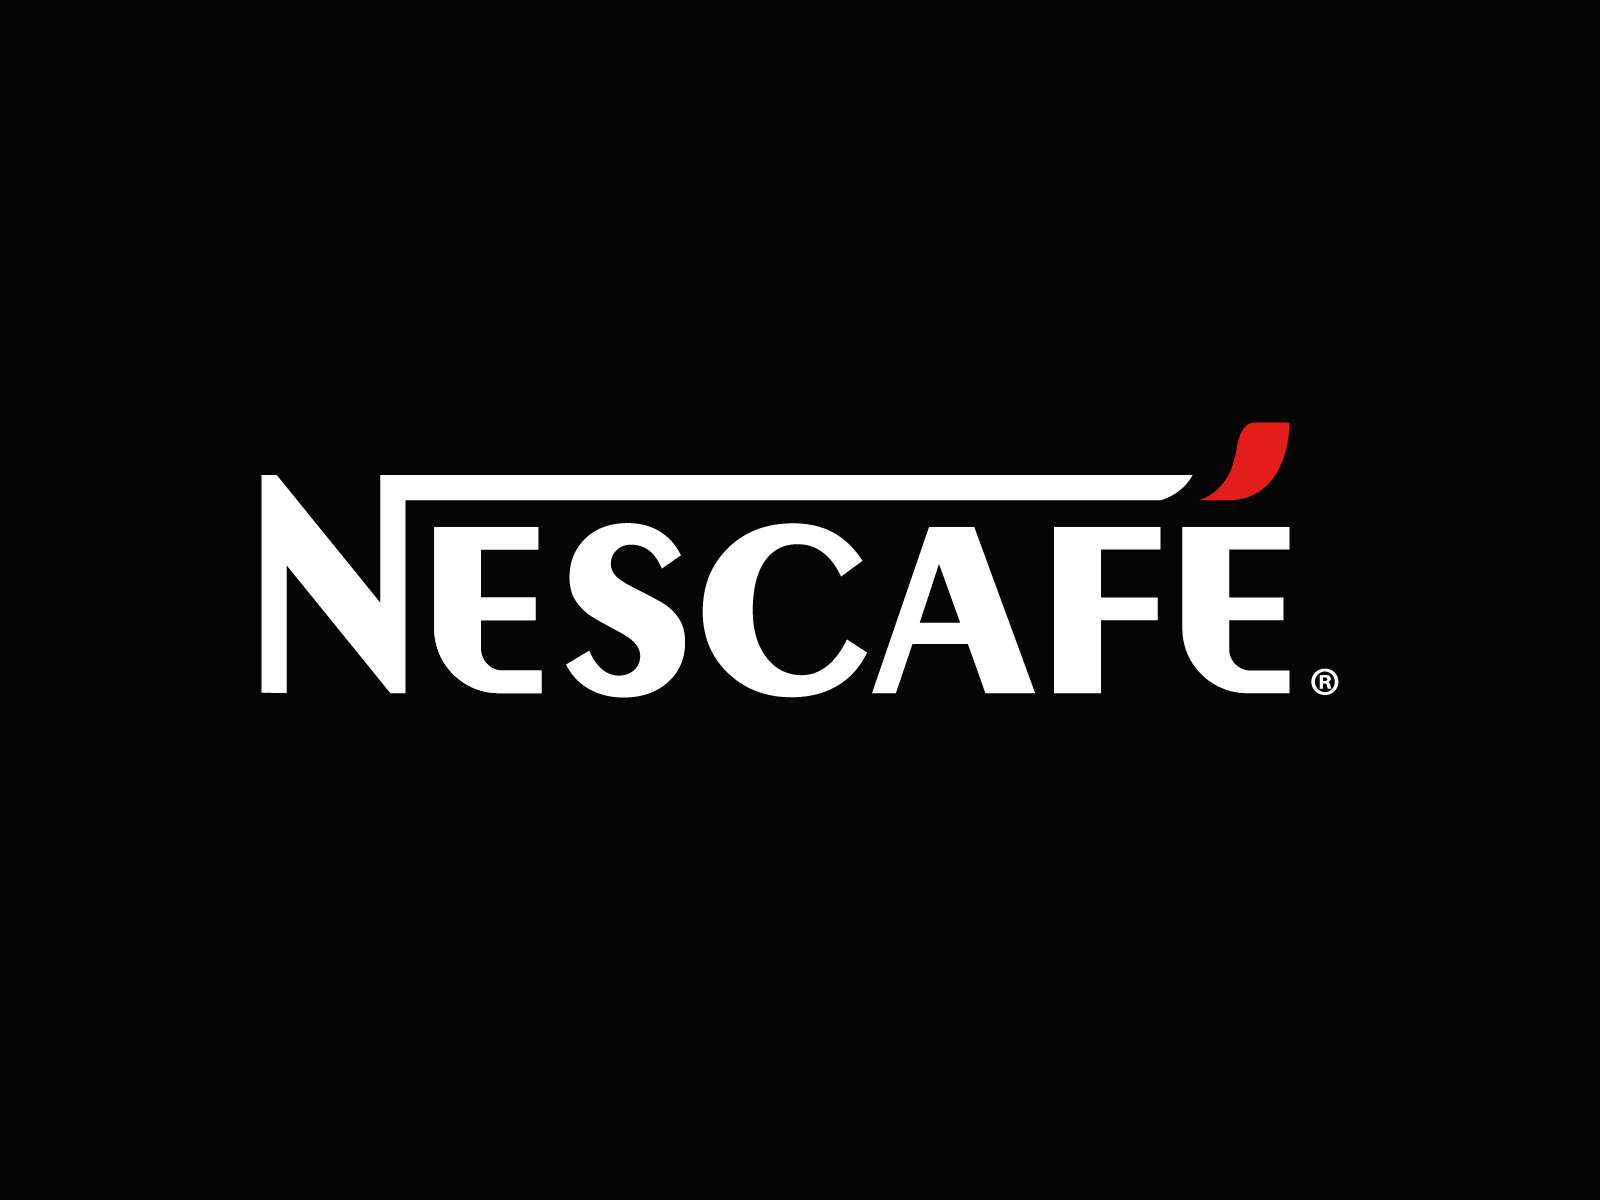 48++ Nescafe logo ideas in 2021